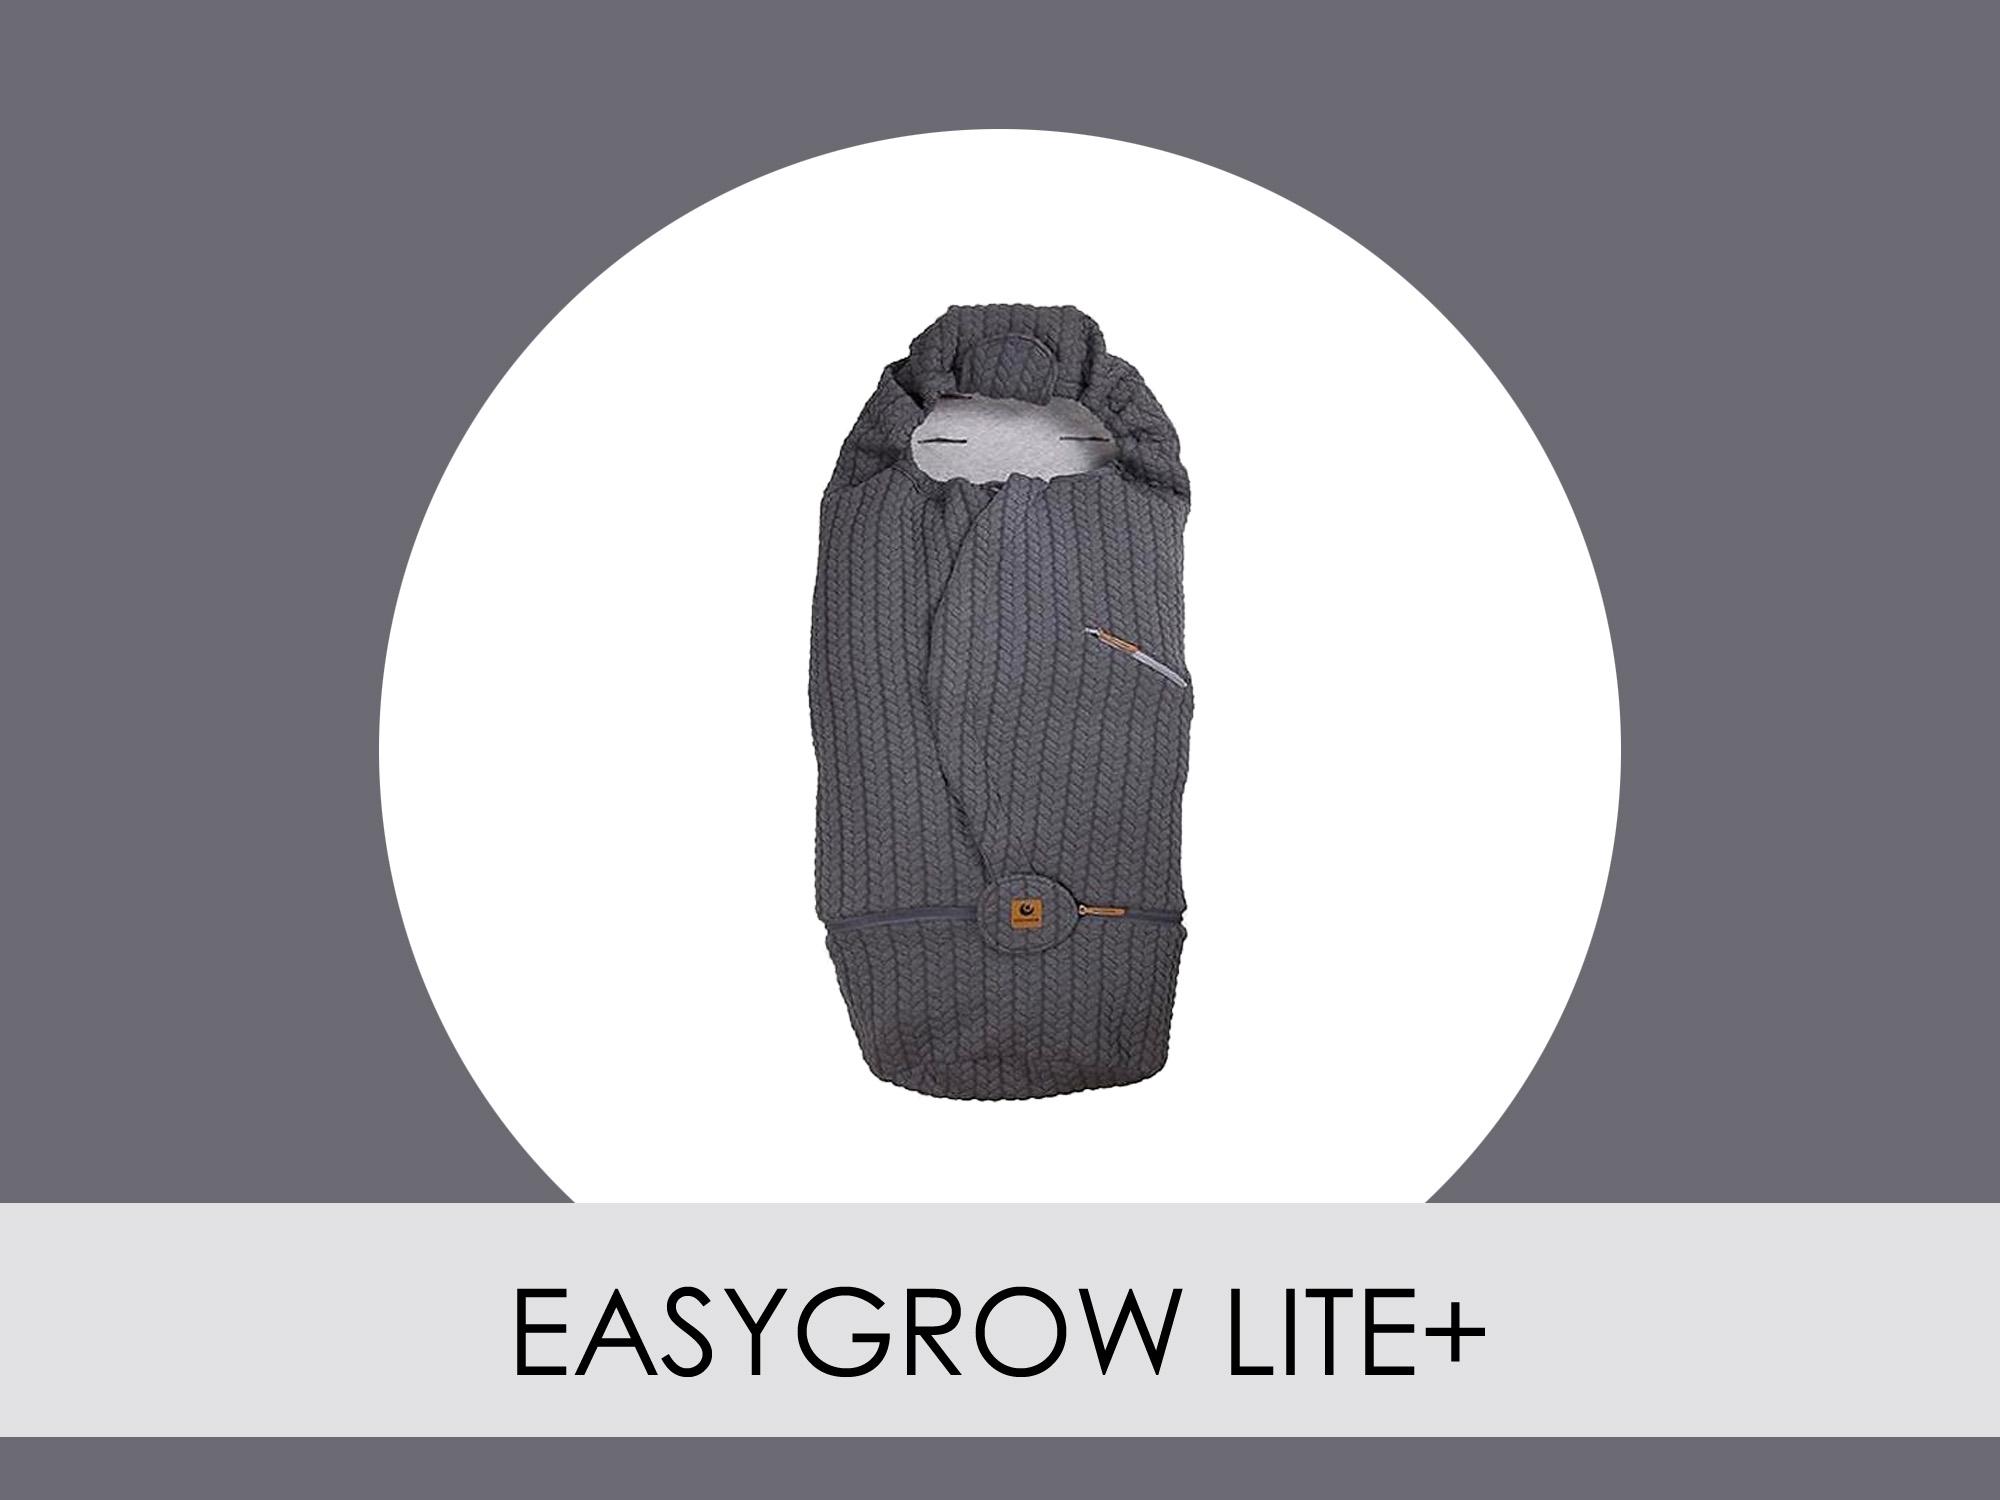 Easygrow Lite+ tunn åkpåse för vår och höst 2019